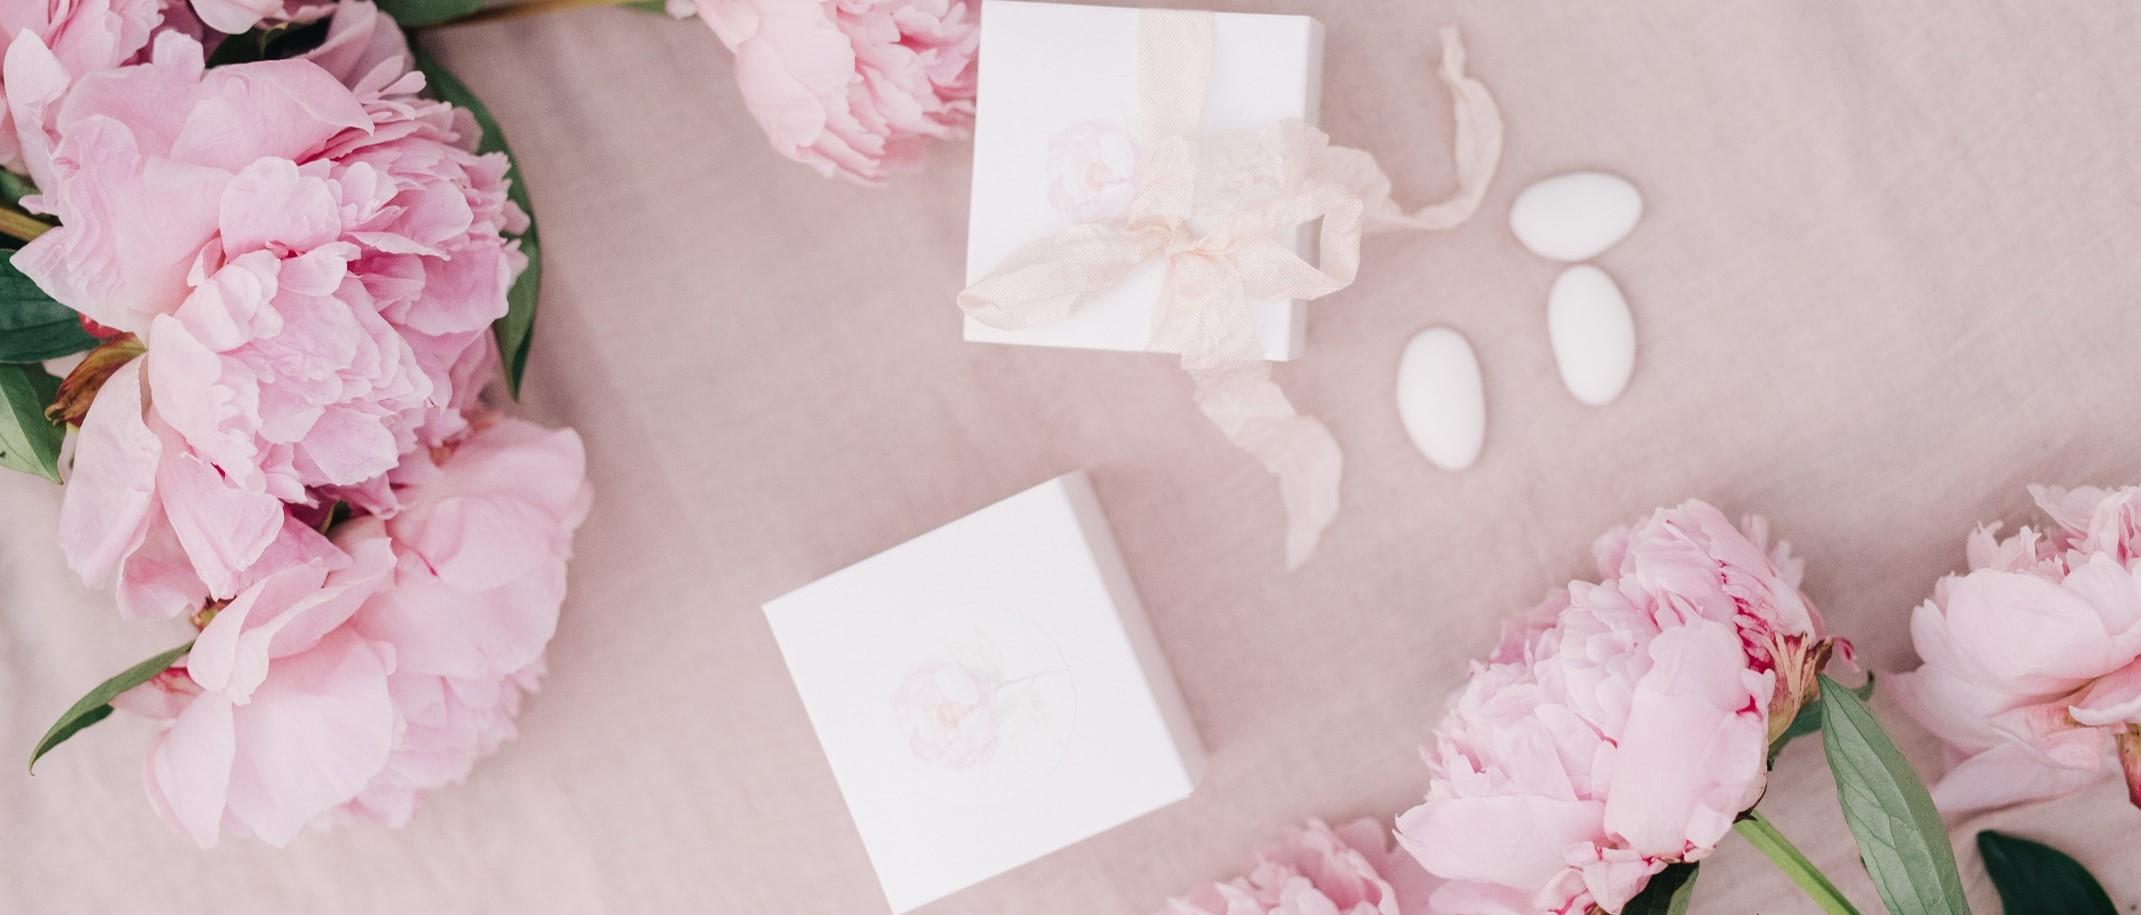 Mariage provençal : quel cadeau pour mes invités ?